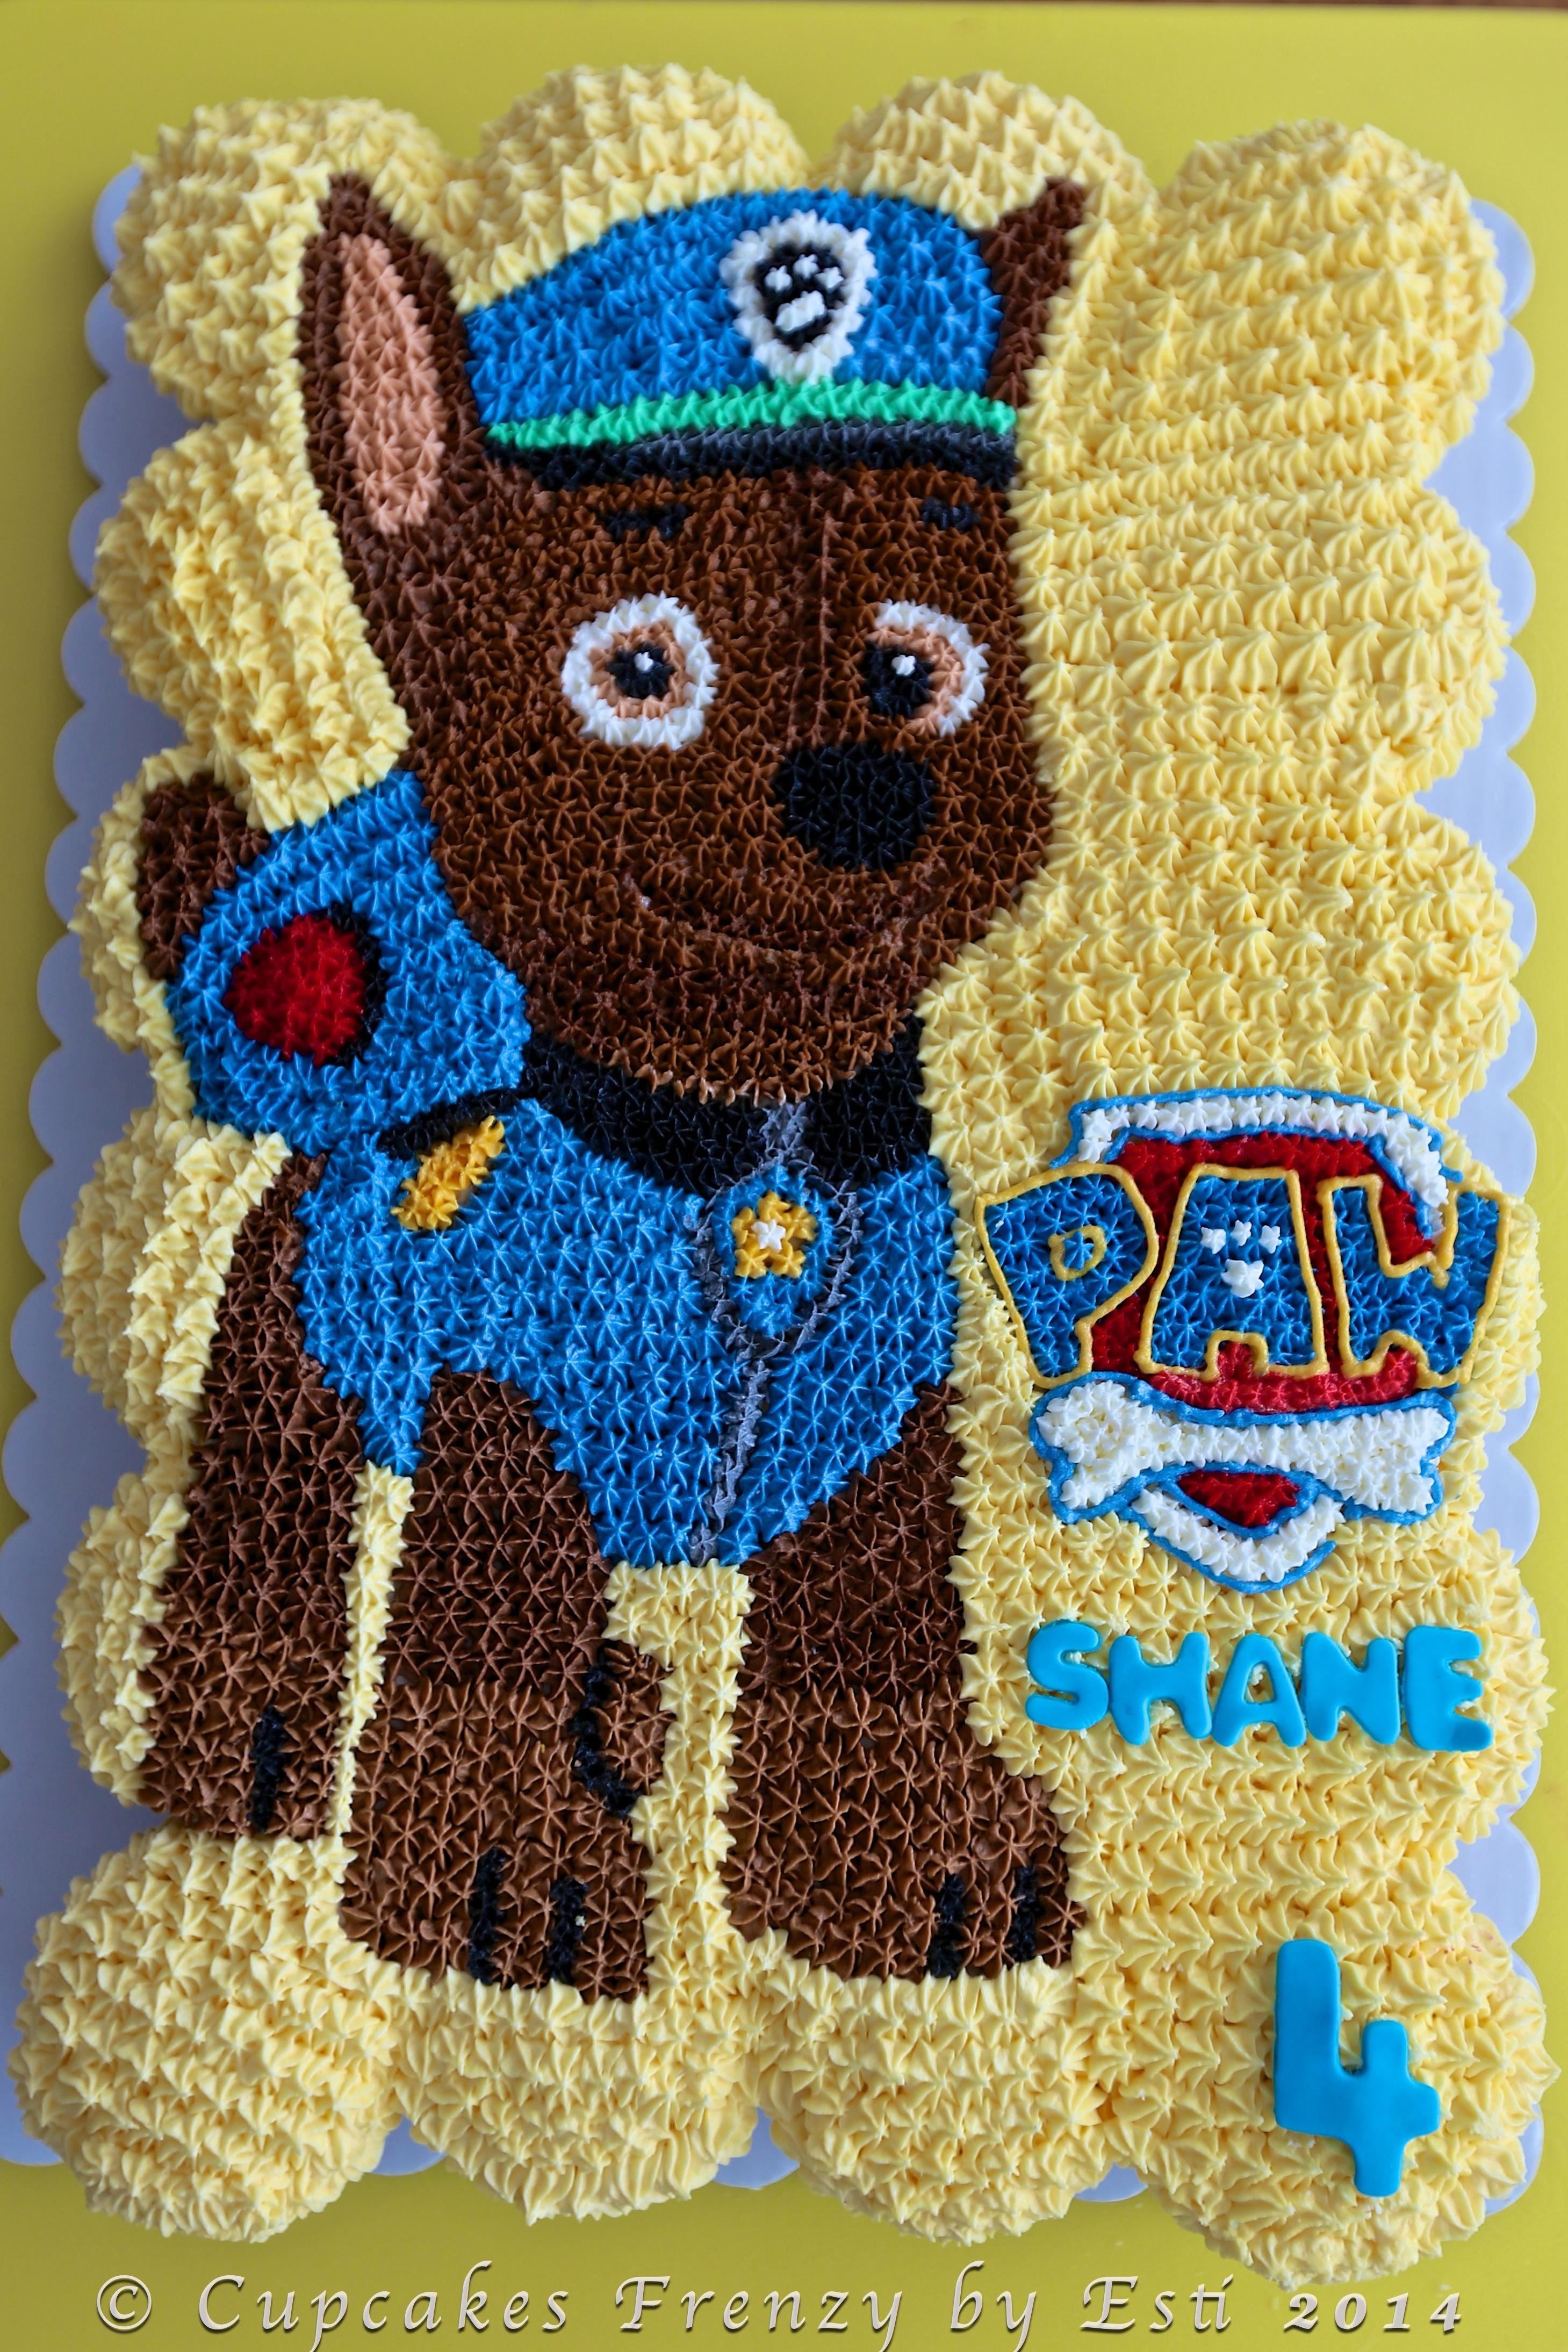 Paw Patrol Cupcakes Frenzy